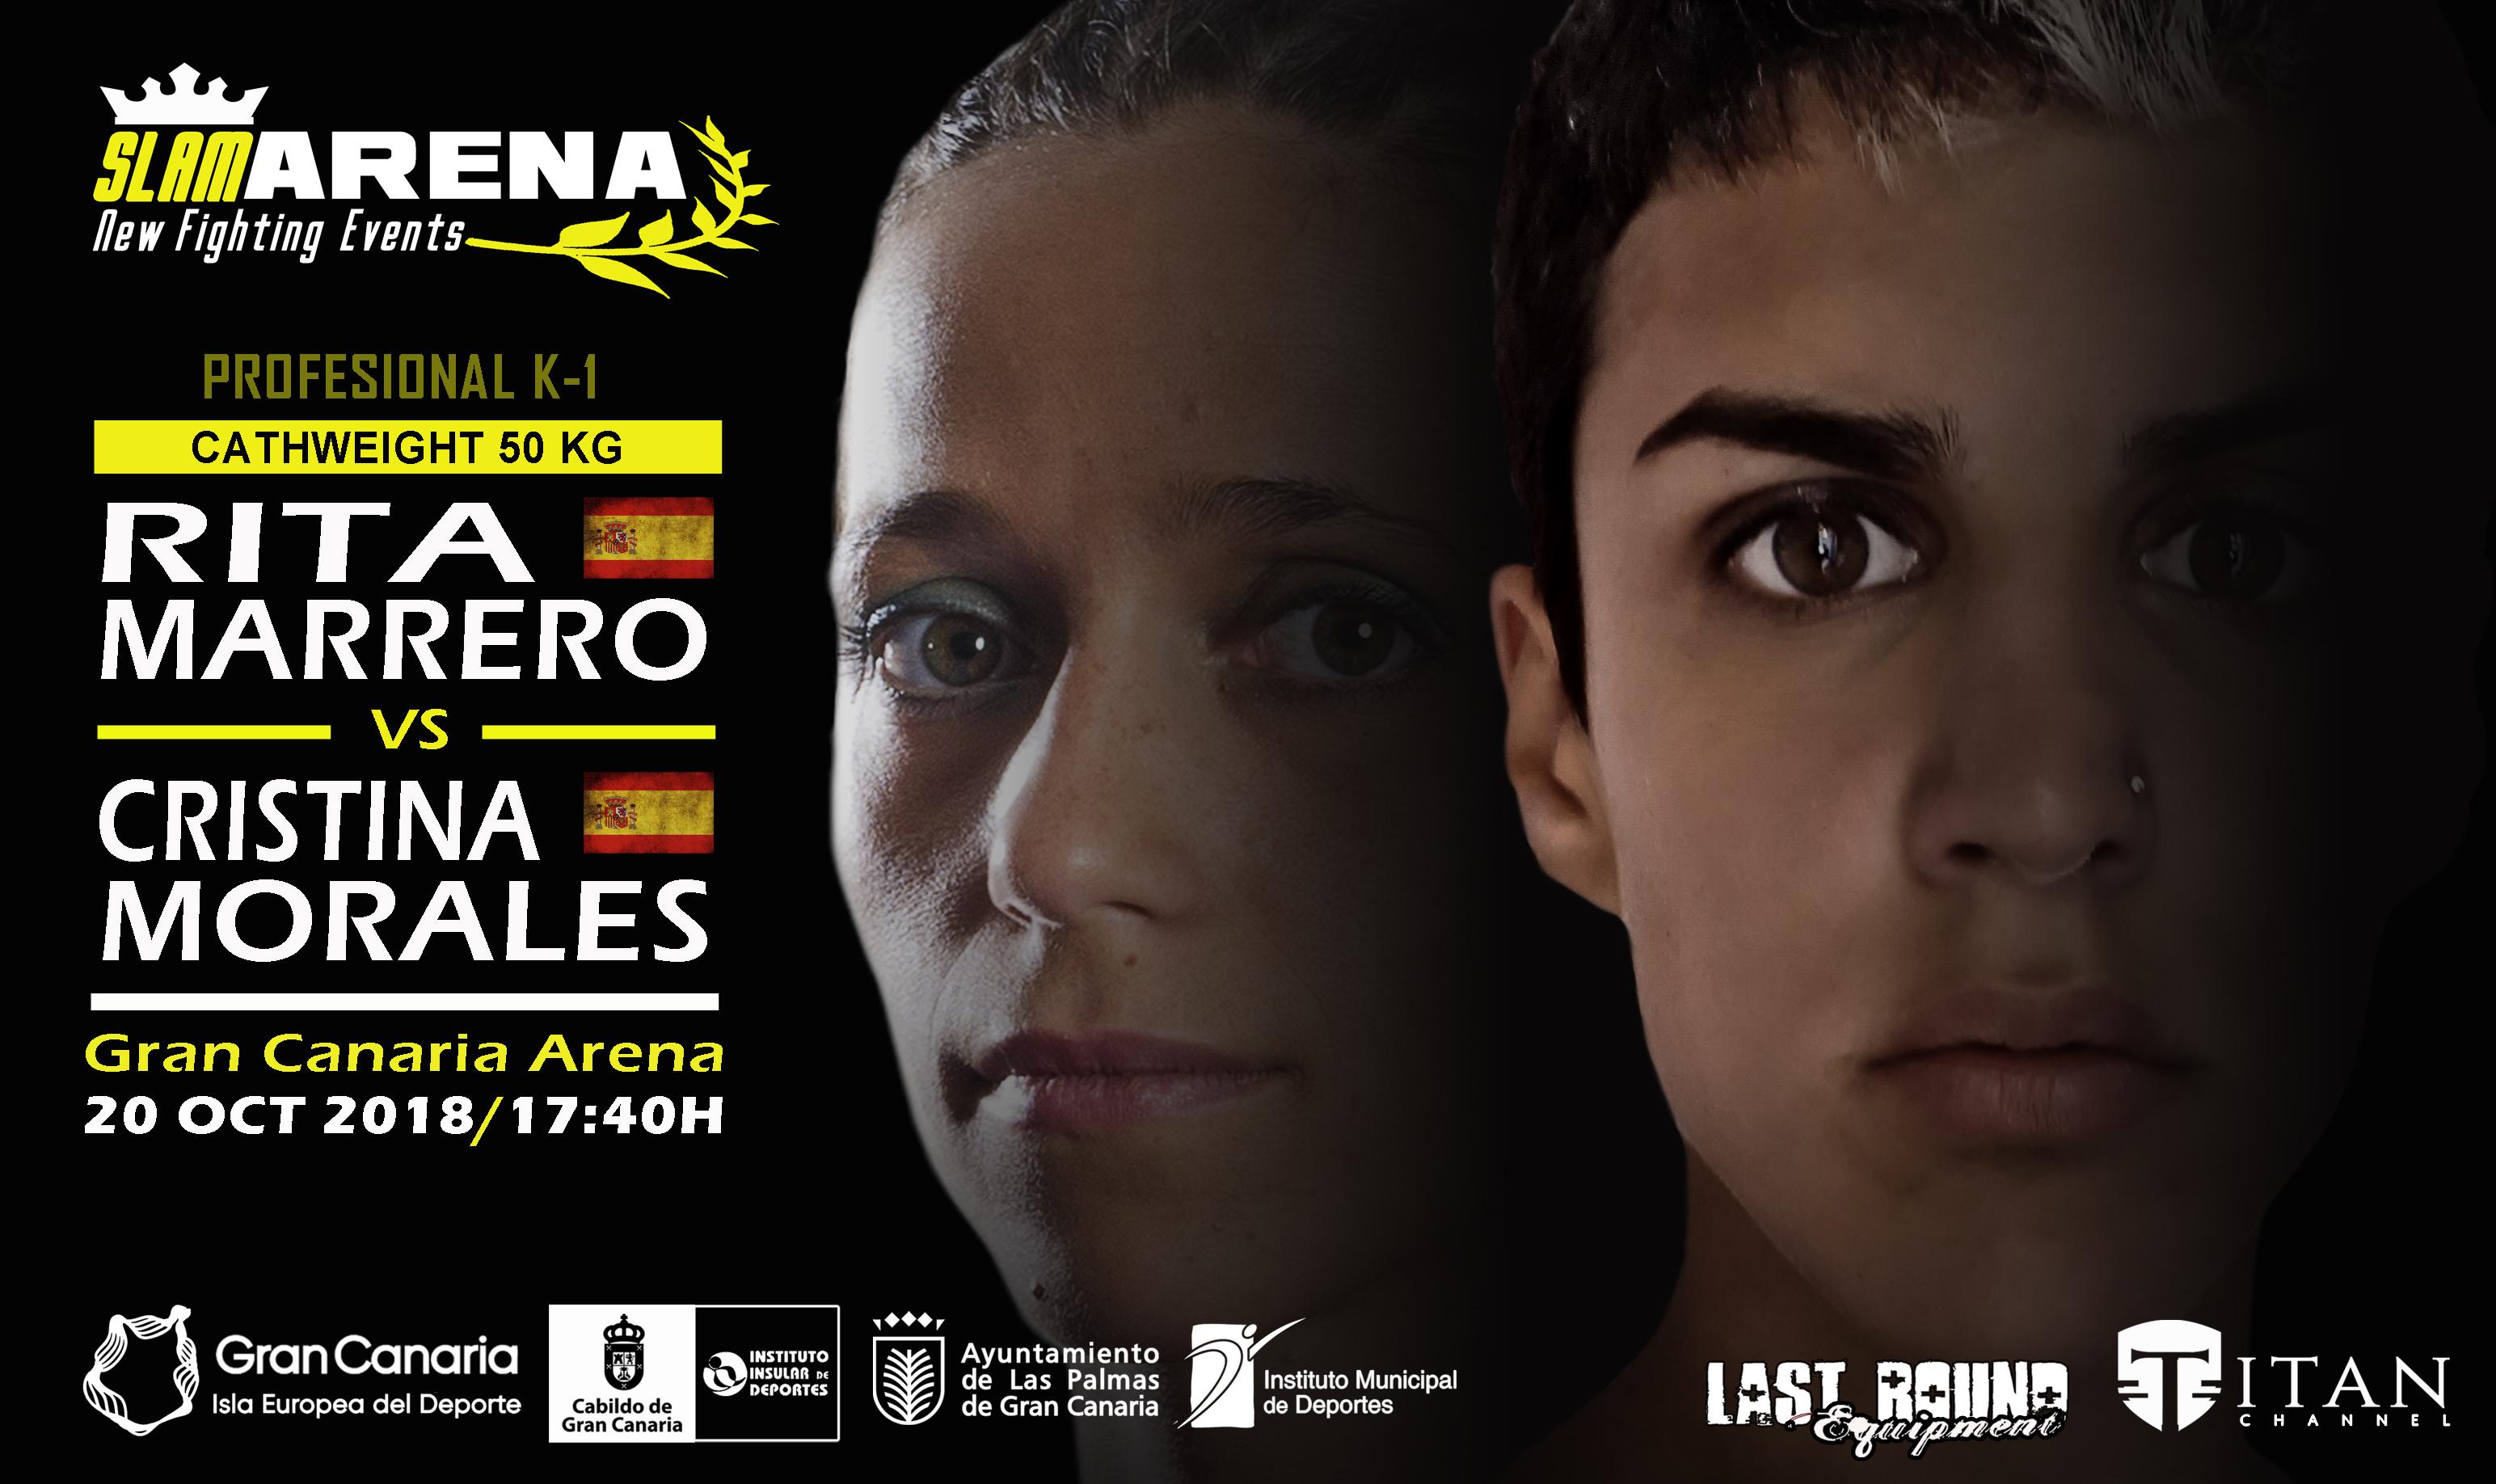 Rita vs Cristina